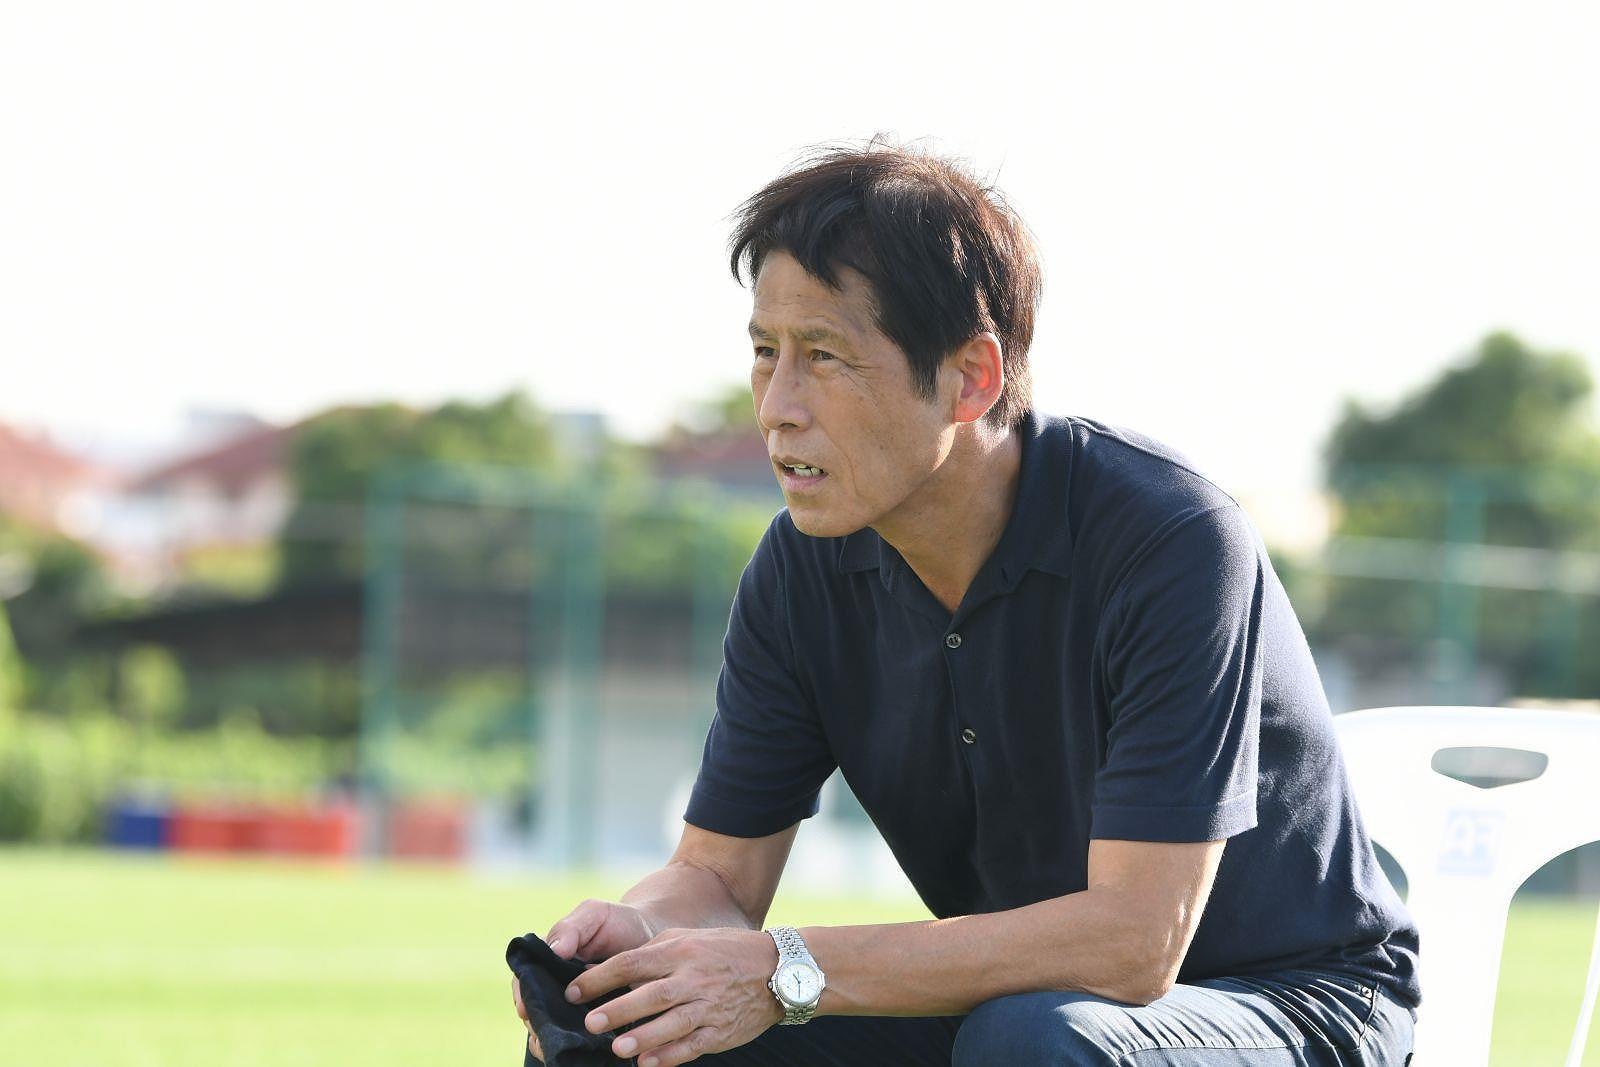 HLV Nishino gặp gỡ tuyển trẻ Thái trước cuộc đụng độ Việt Nam